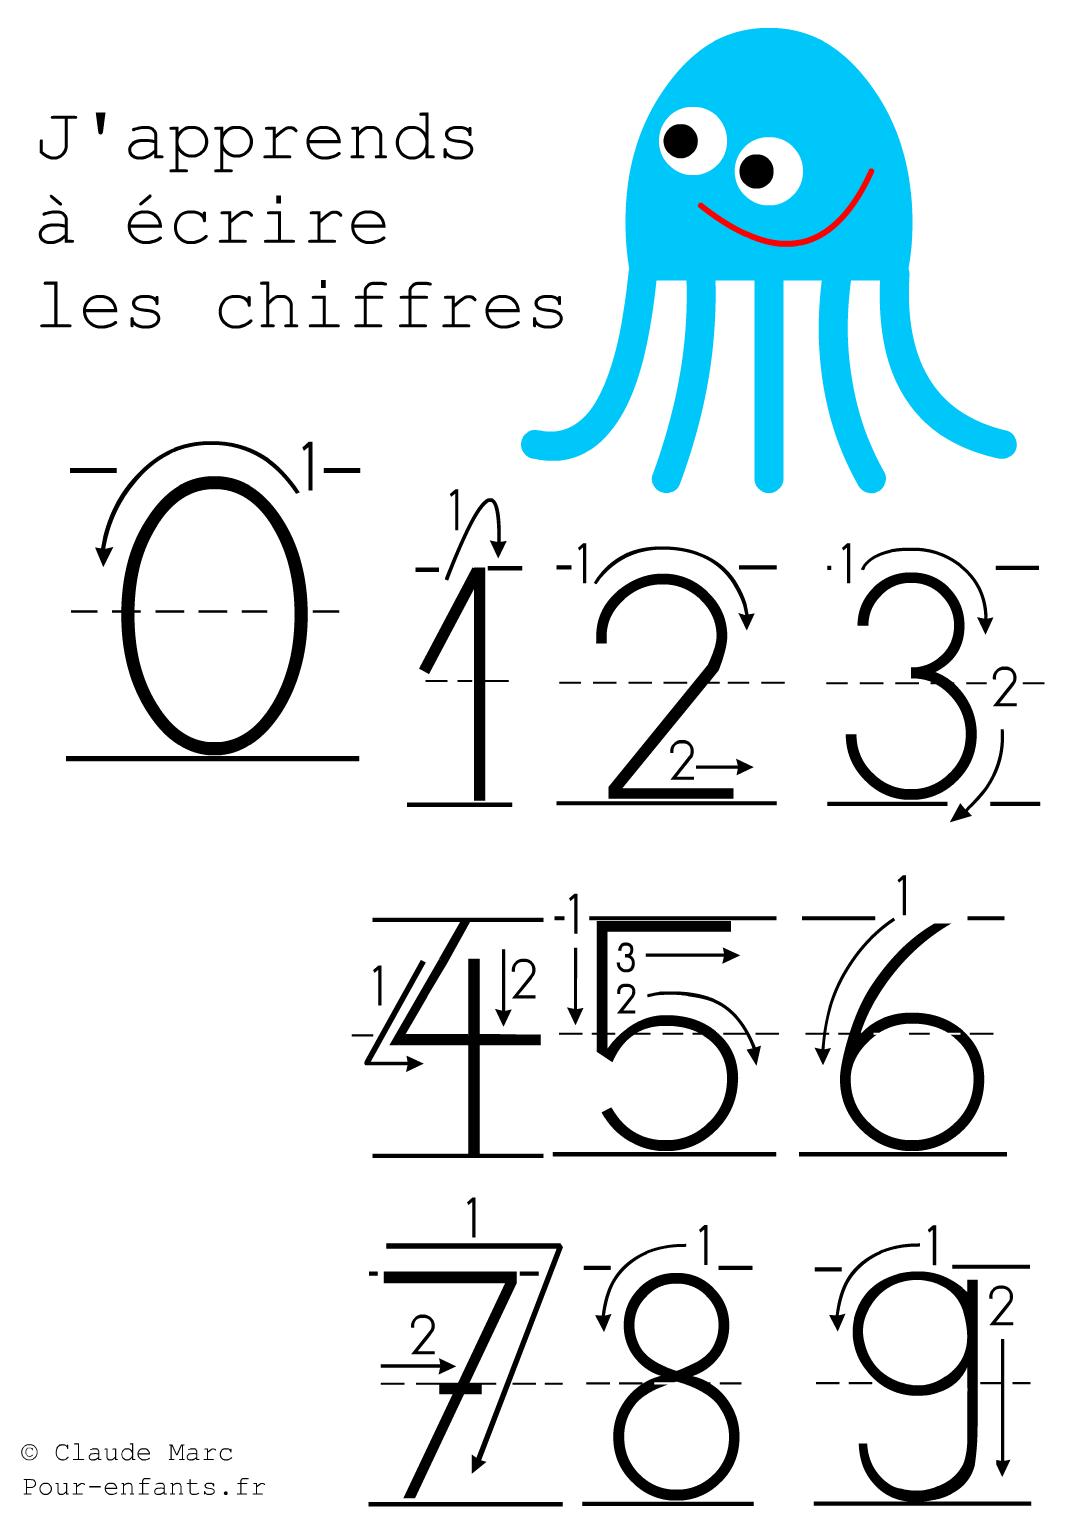 Ecrire les chiffres en maternelle apprendre criture chiffre imprimer cahier de fiches d - Chiffre a imprimer gratuit ...